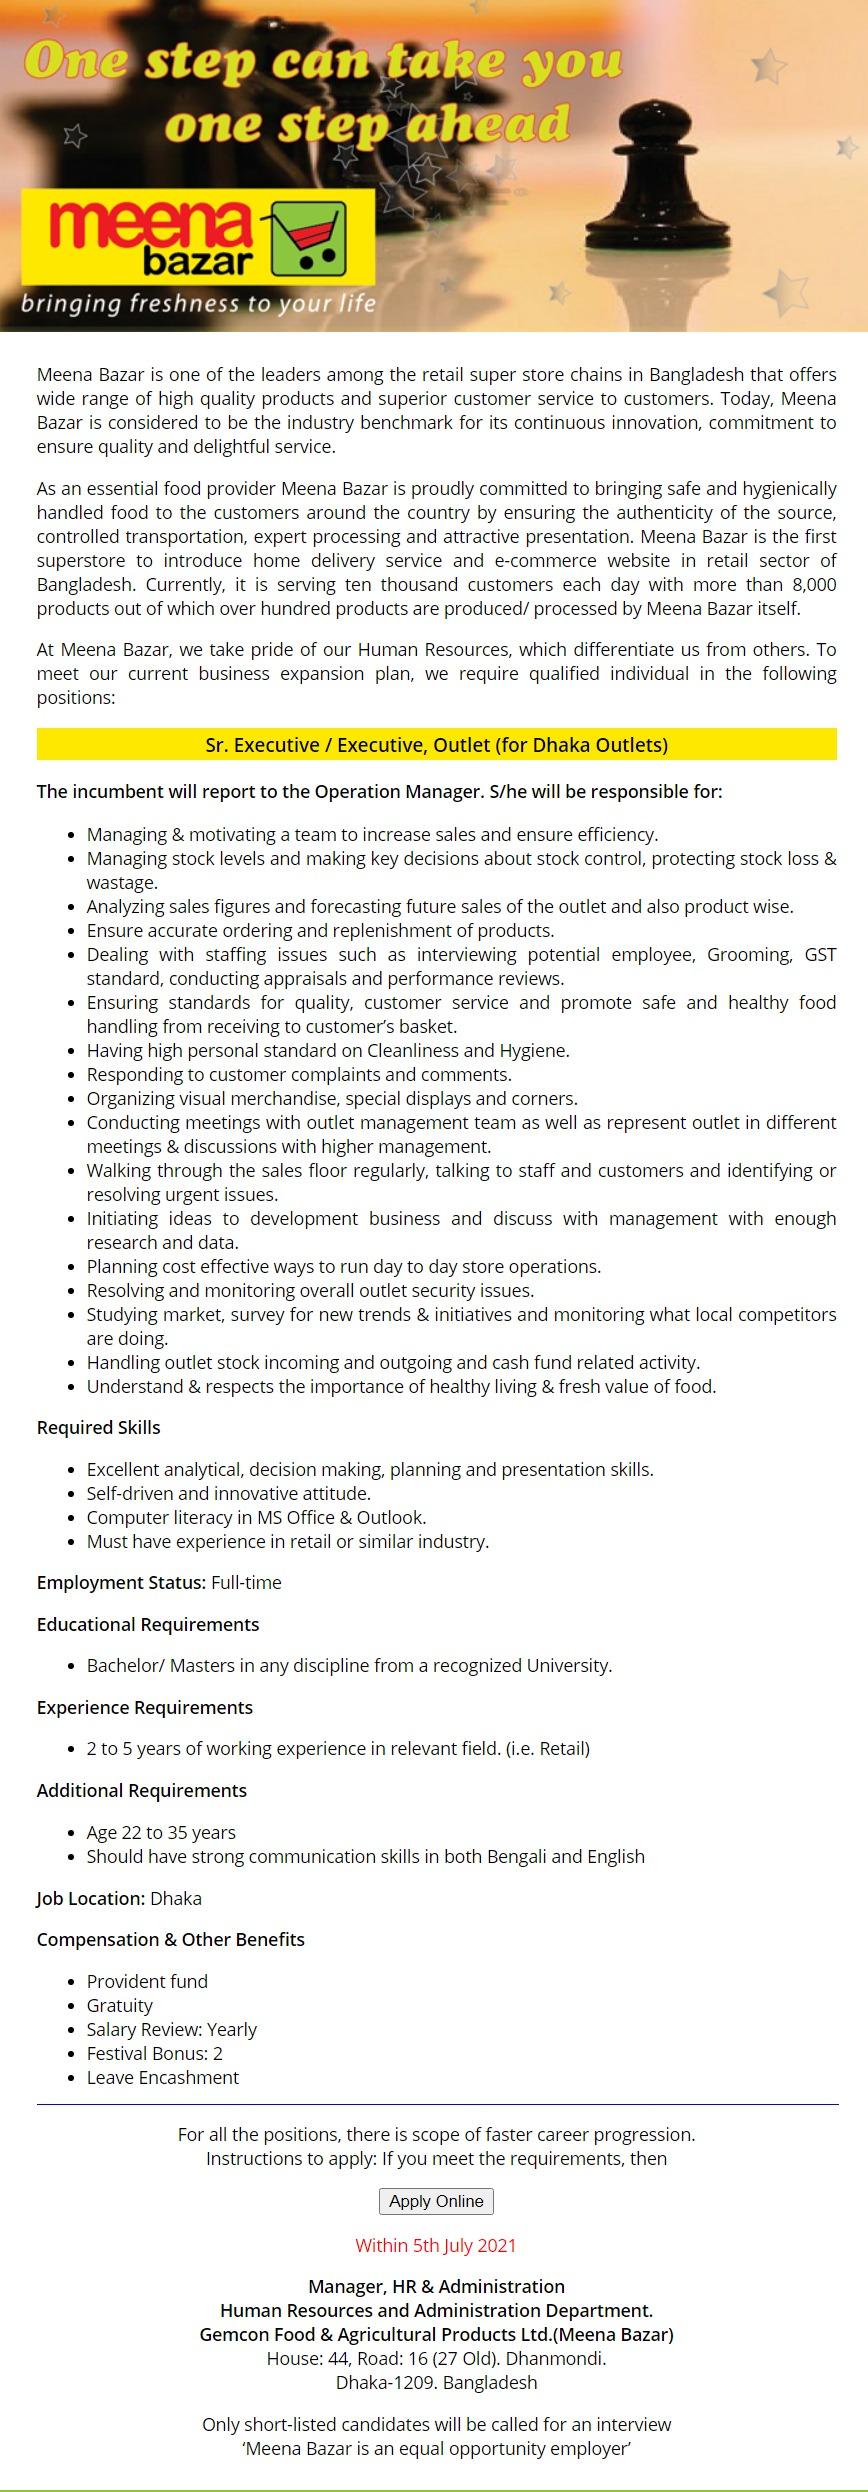 Meena Bazar job circular 2021